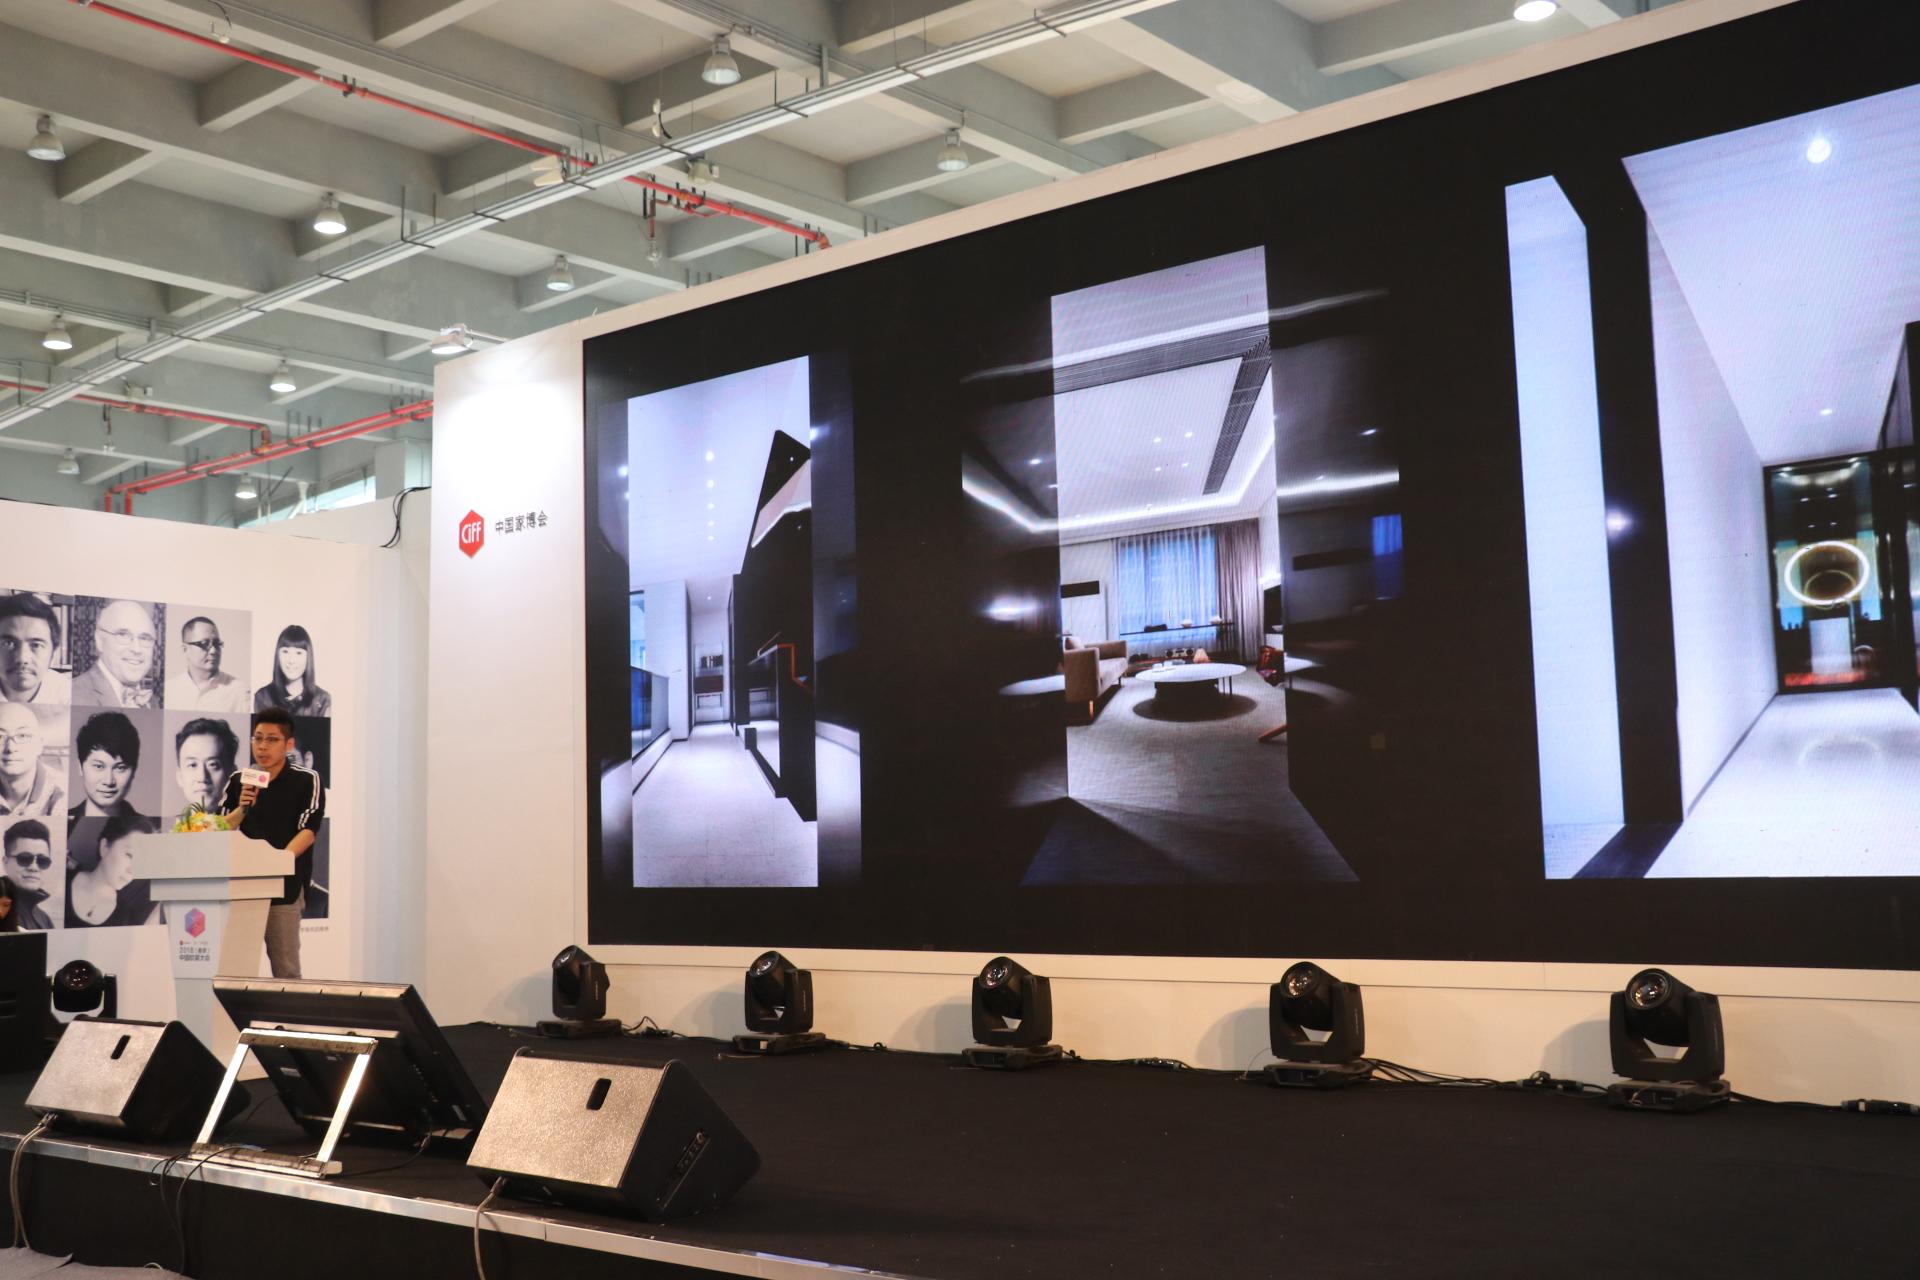 知名空间摄影师、泡泡艺廊和国际家居品牌买手店负责人肖恩上台分享《空间摄影》。